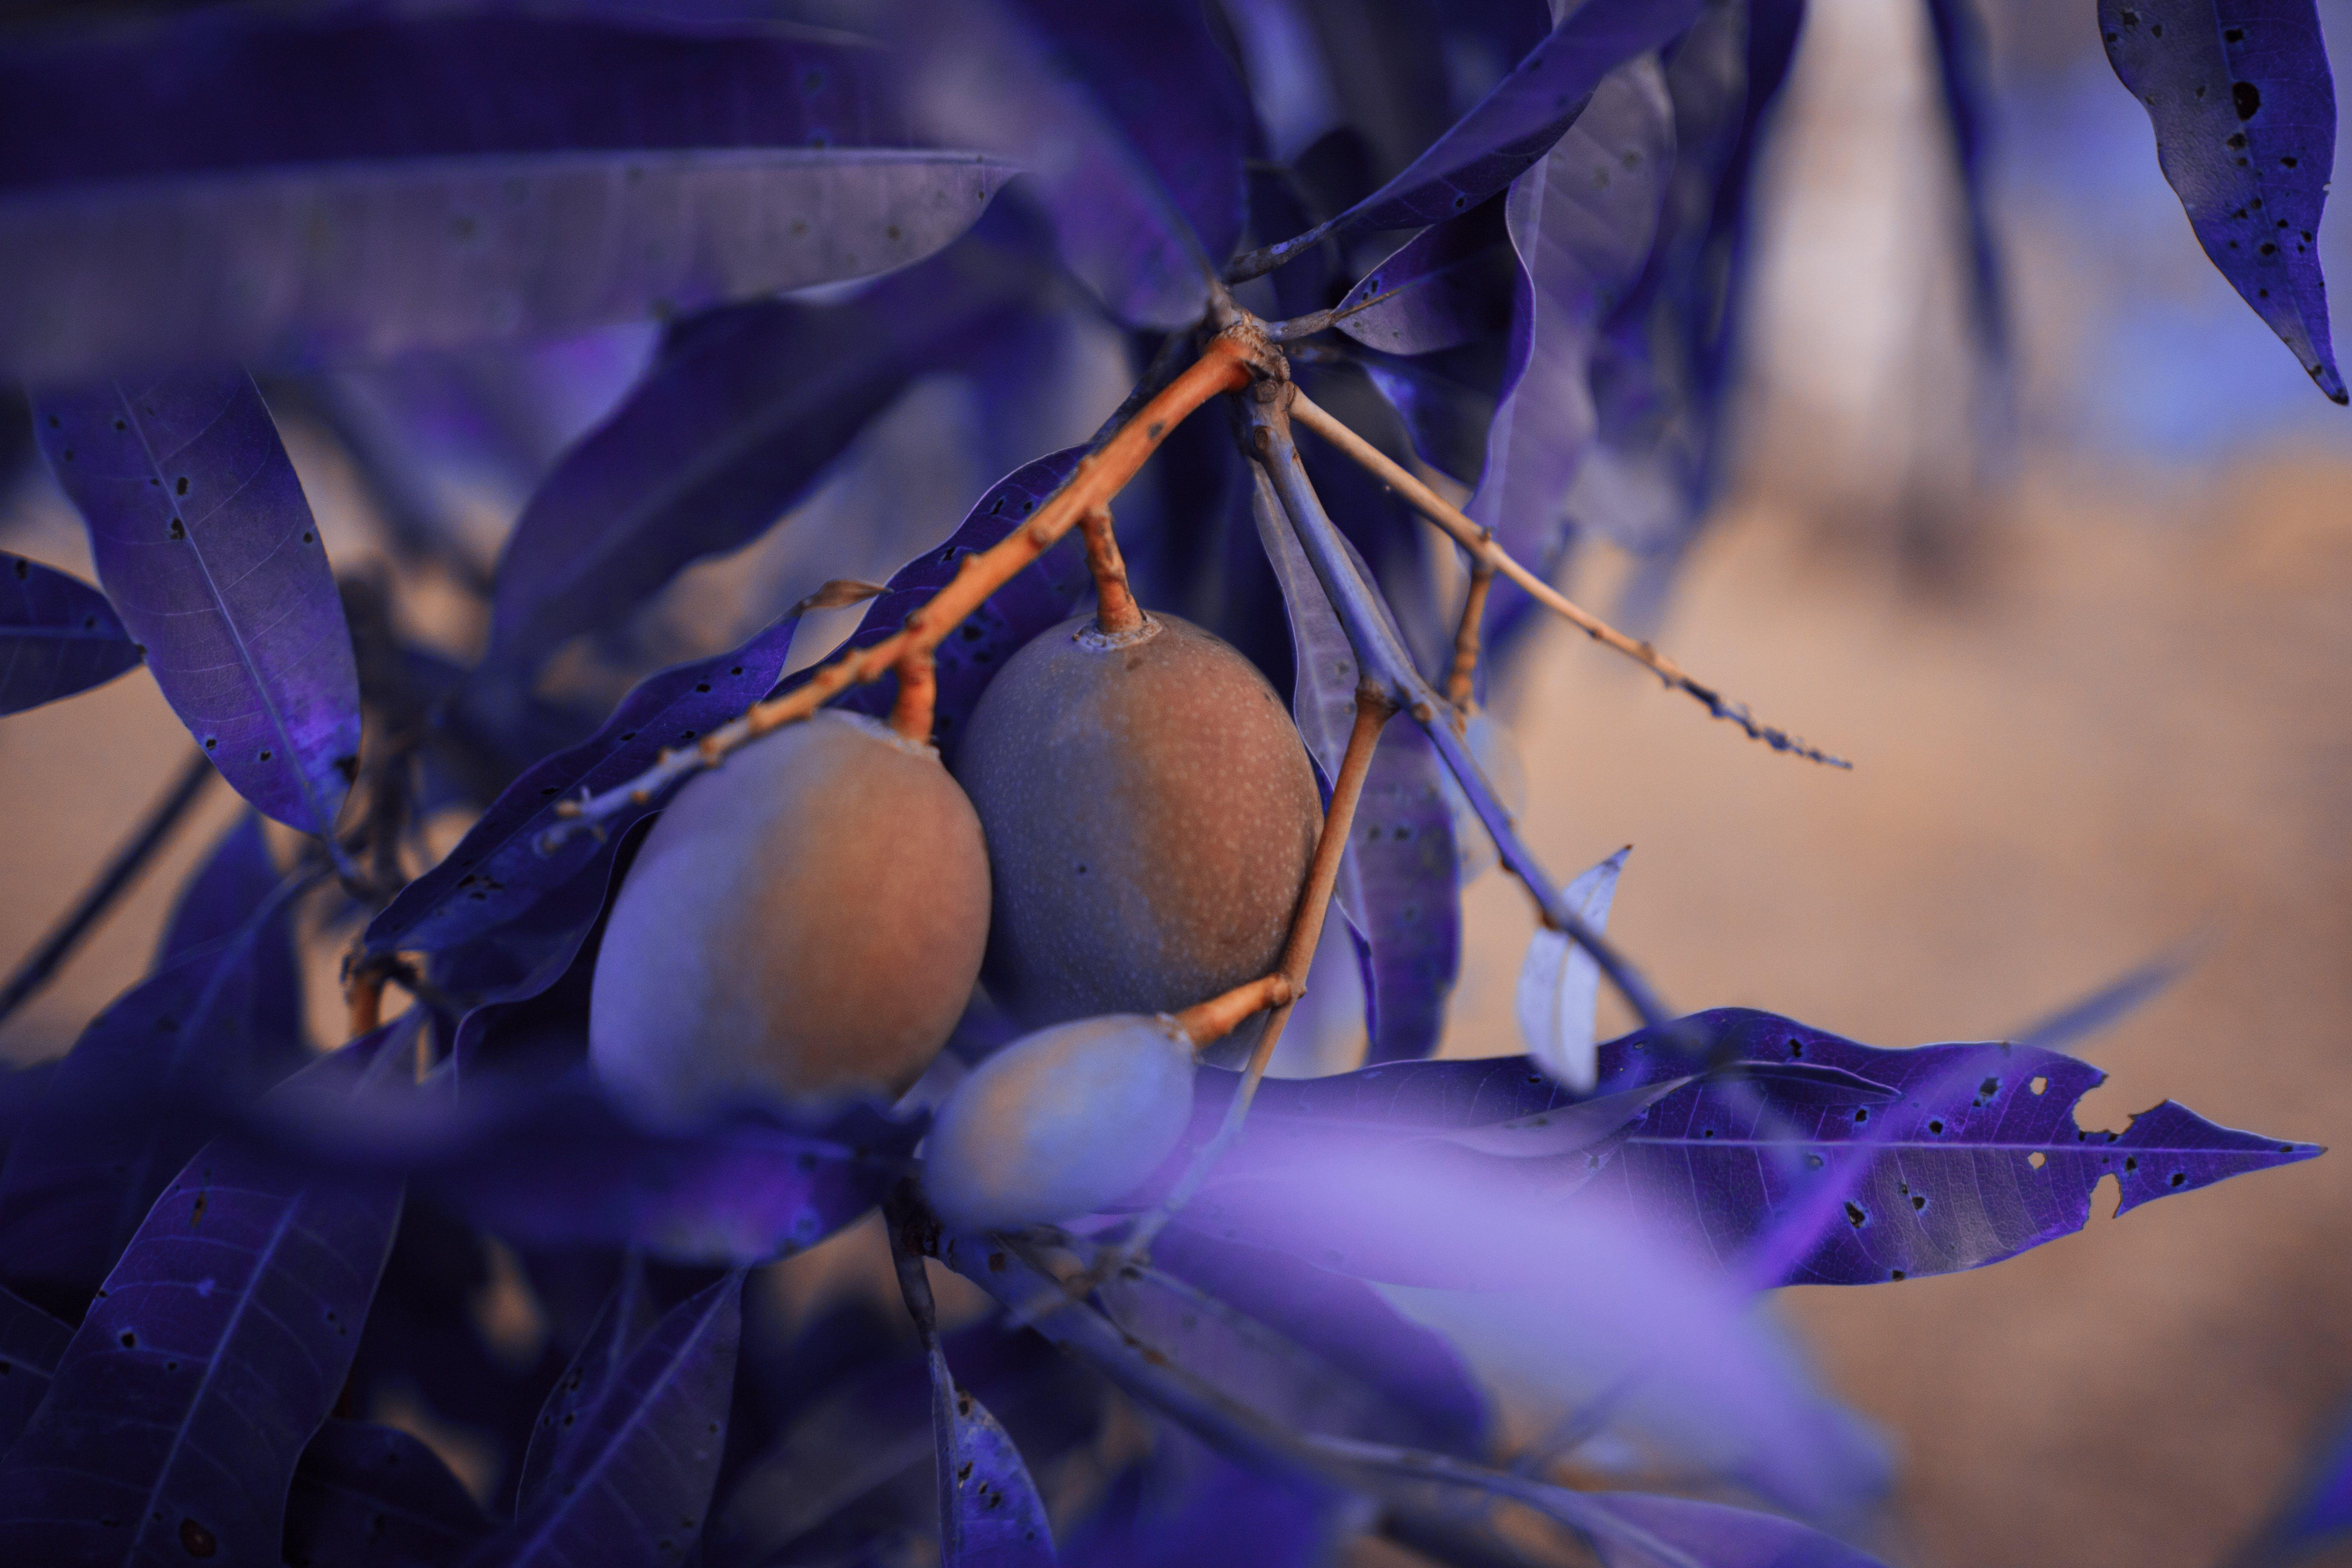 Kostnadsfri bild av färg, gren, hängande, lila